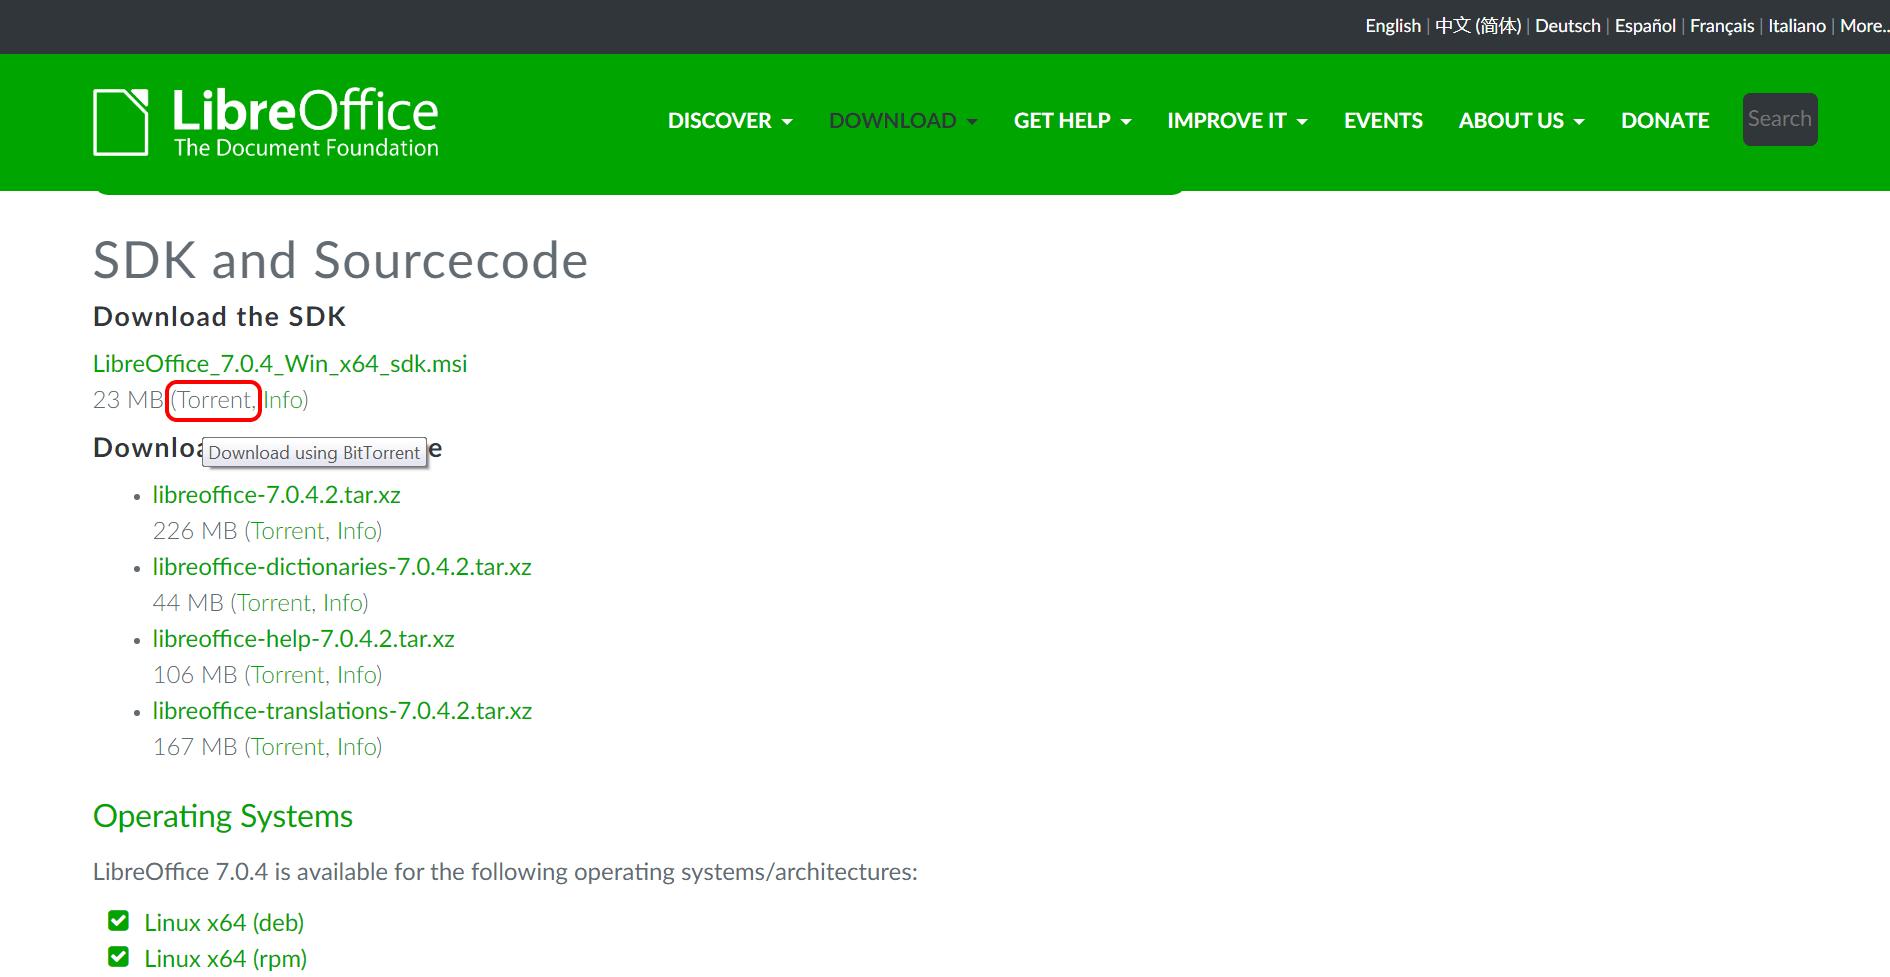 Скачивание торрент-файла LibreOffice SDK 7.0.4